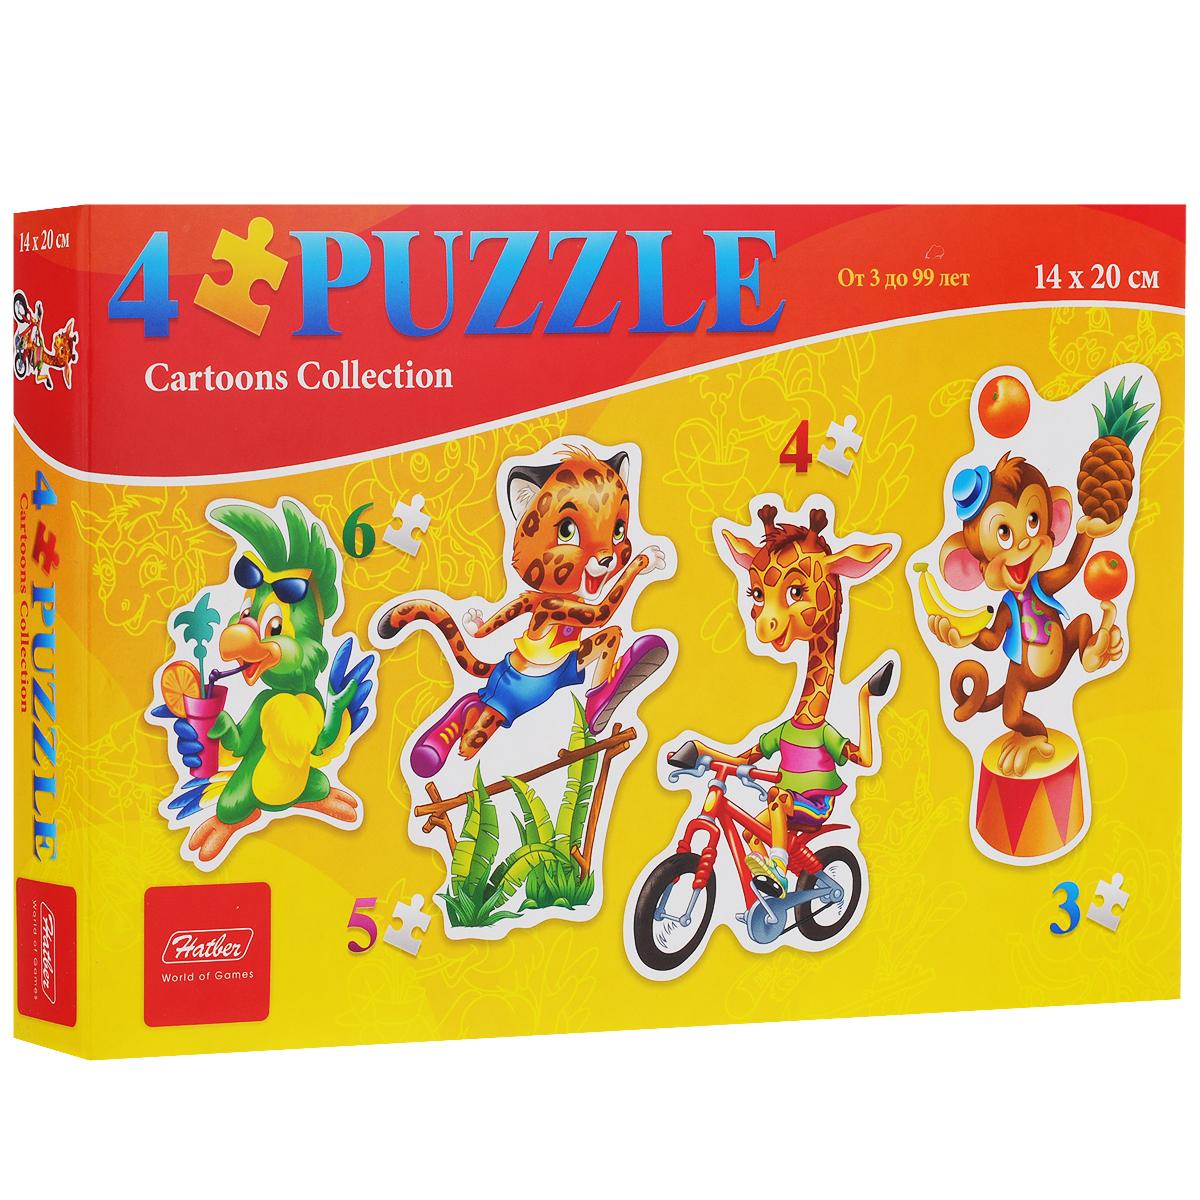 Цирк. Пазл 4 в 1, 18 элементовПЗ5_11476Пазл Цирк, без сомнения, придется по душе вашему ребенку. Собрав пазл, вы получите 4 яркие и цветные картинки с изображением попугая, леопарда, жирафа и обезьяны. Пазлы - замечательная игра для всей семьи. Сегодня собирание пазлов стало особенно популярным, главным образом, благодаря своей многообразной тематике, способной удовлетворить самый взыскательный вкус. Собирание пазла развивает у детей мелкую моторику рук, тренирует наблюдательность, логическое и образное мышление, знакомит с окружающим миром, с цветом и разнообразными формами, учит усидчивости и терпению, аккуратности и вниманию. Получившееся яркое изображение станет отличным украшением вашего интерьера.